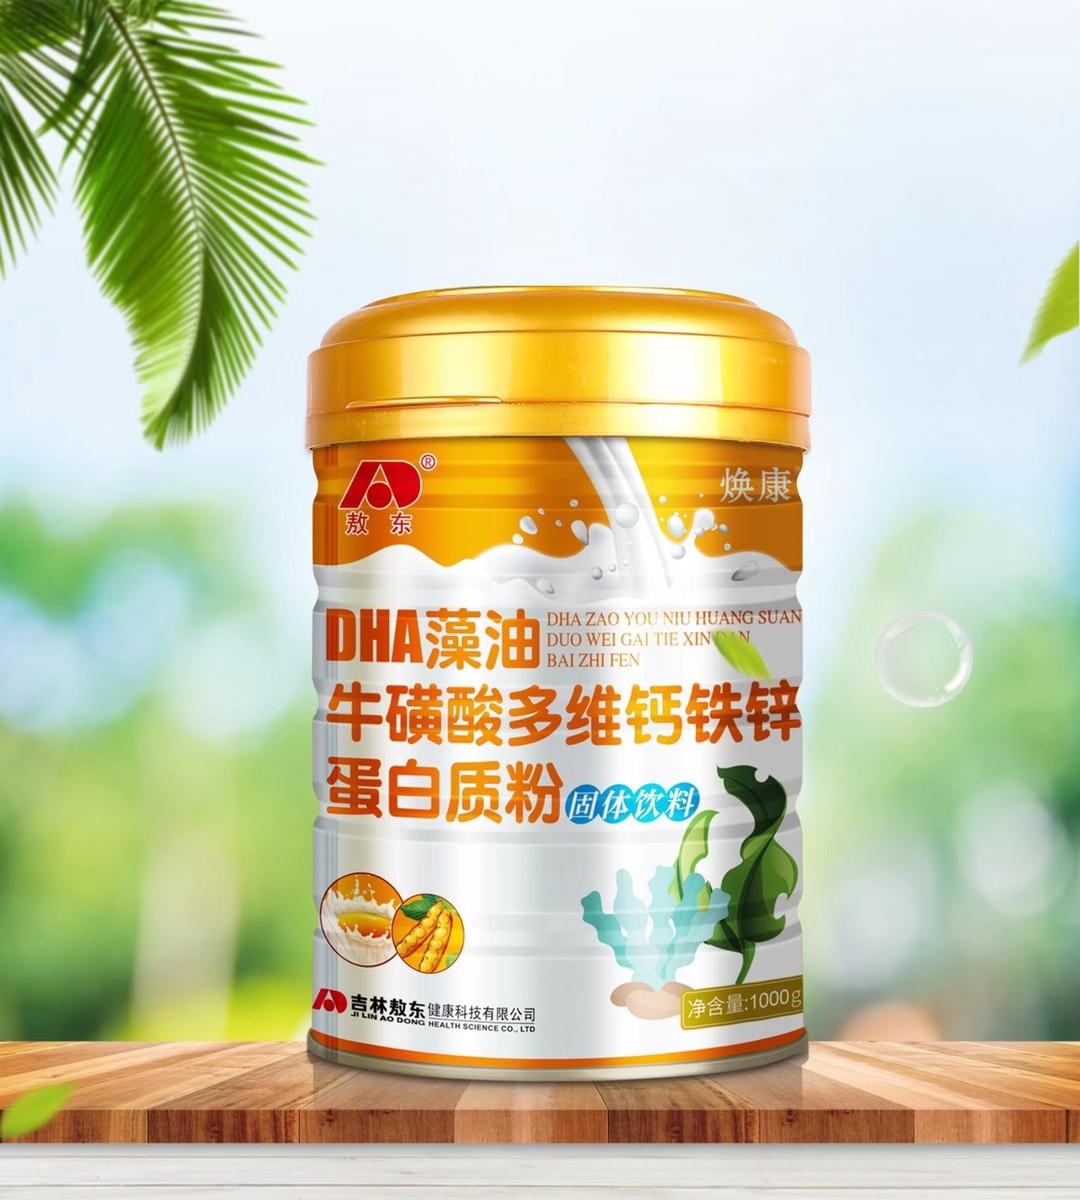 敖东DHA藻油牛磺酸多维钙铁锌蛋白质粉